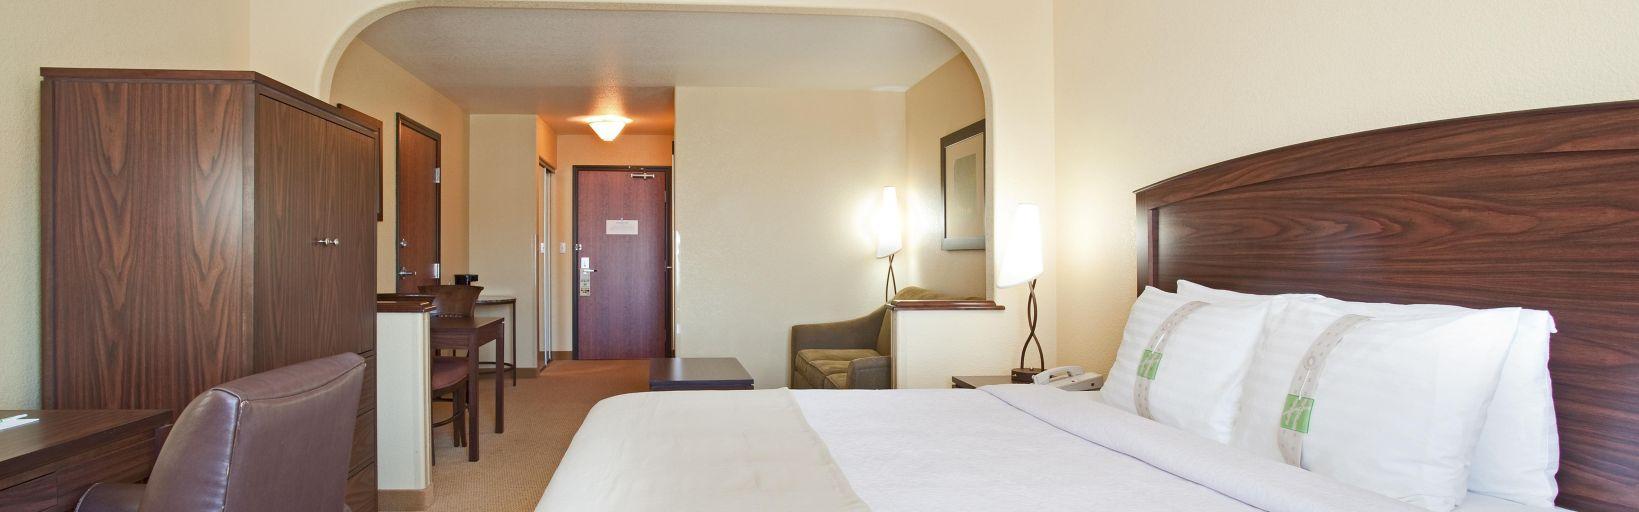 Hotel Lobby King Executive Room